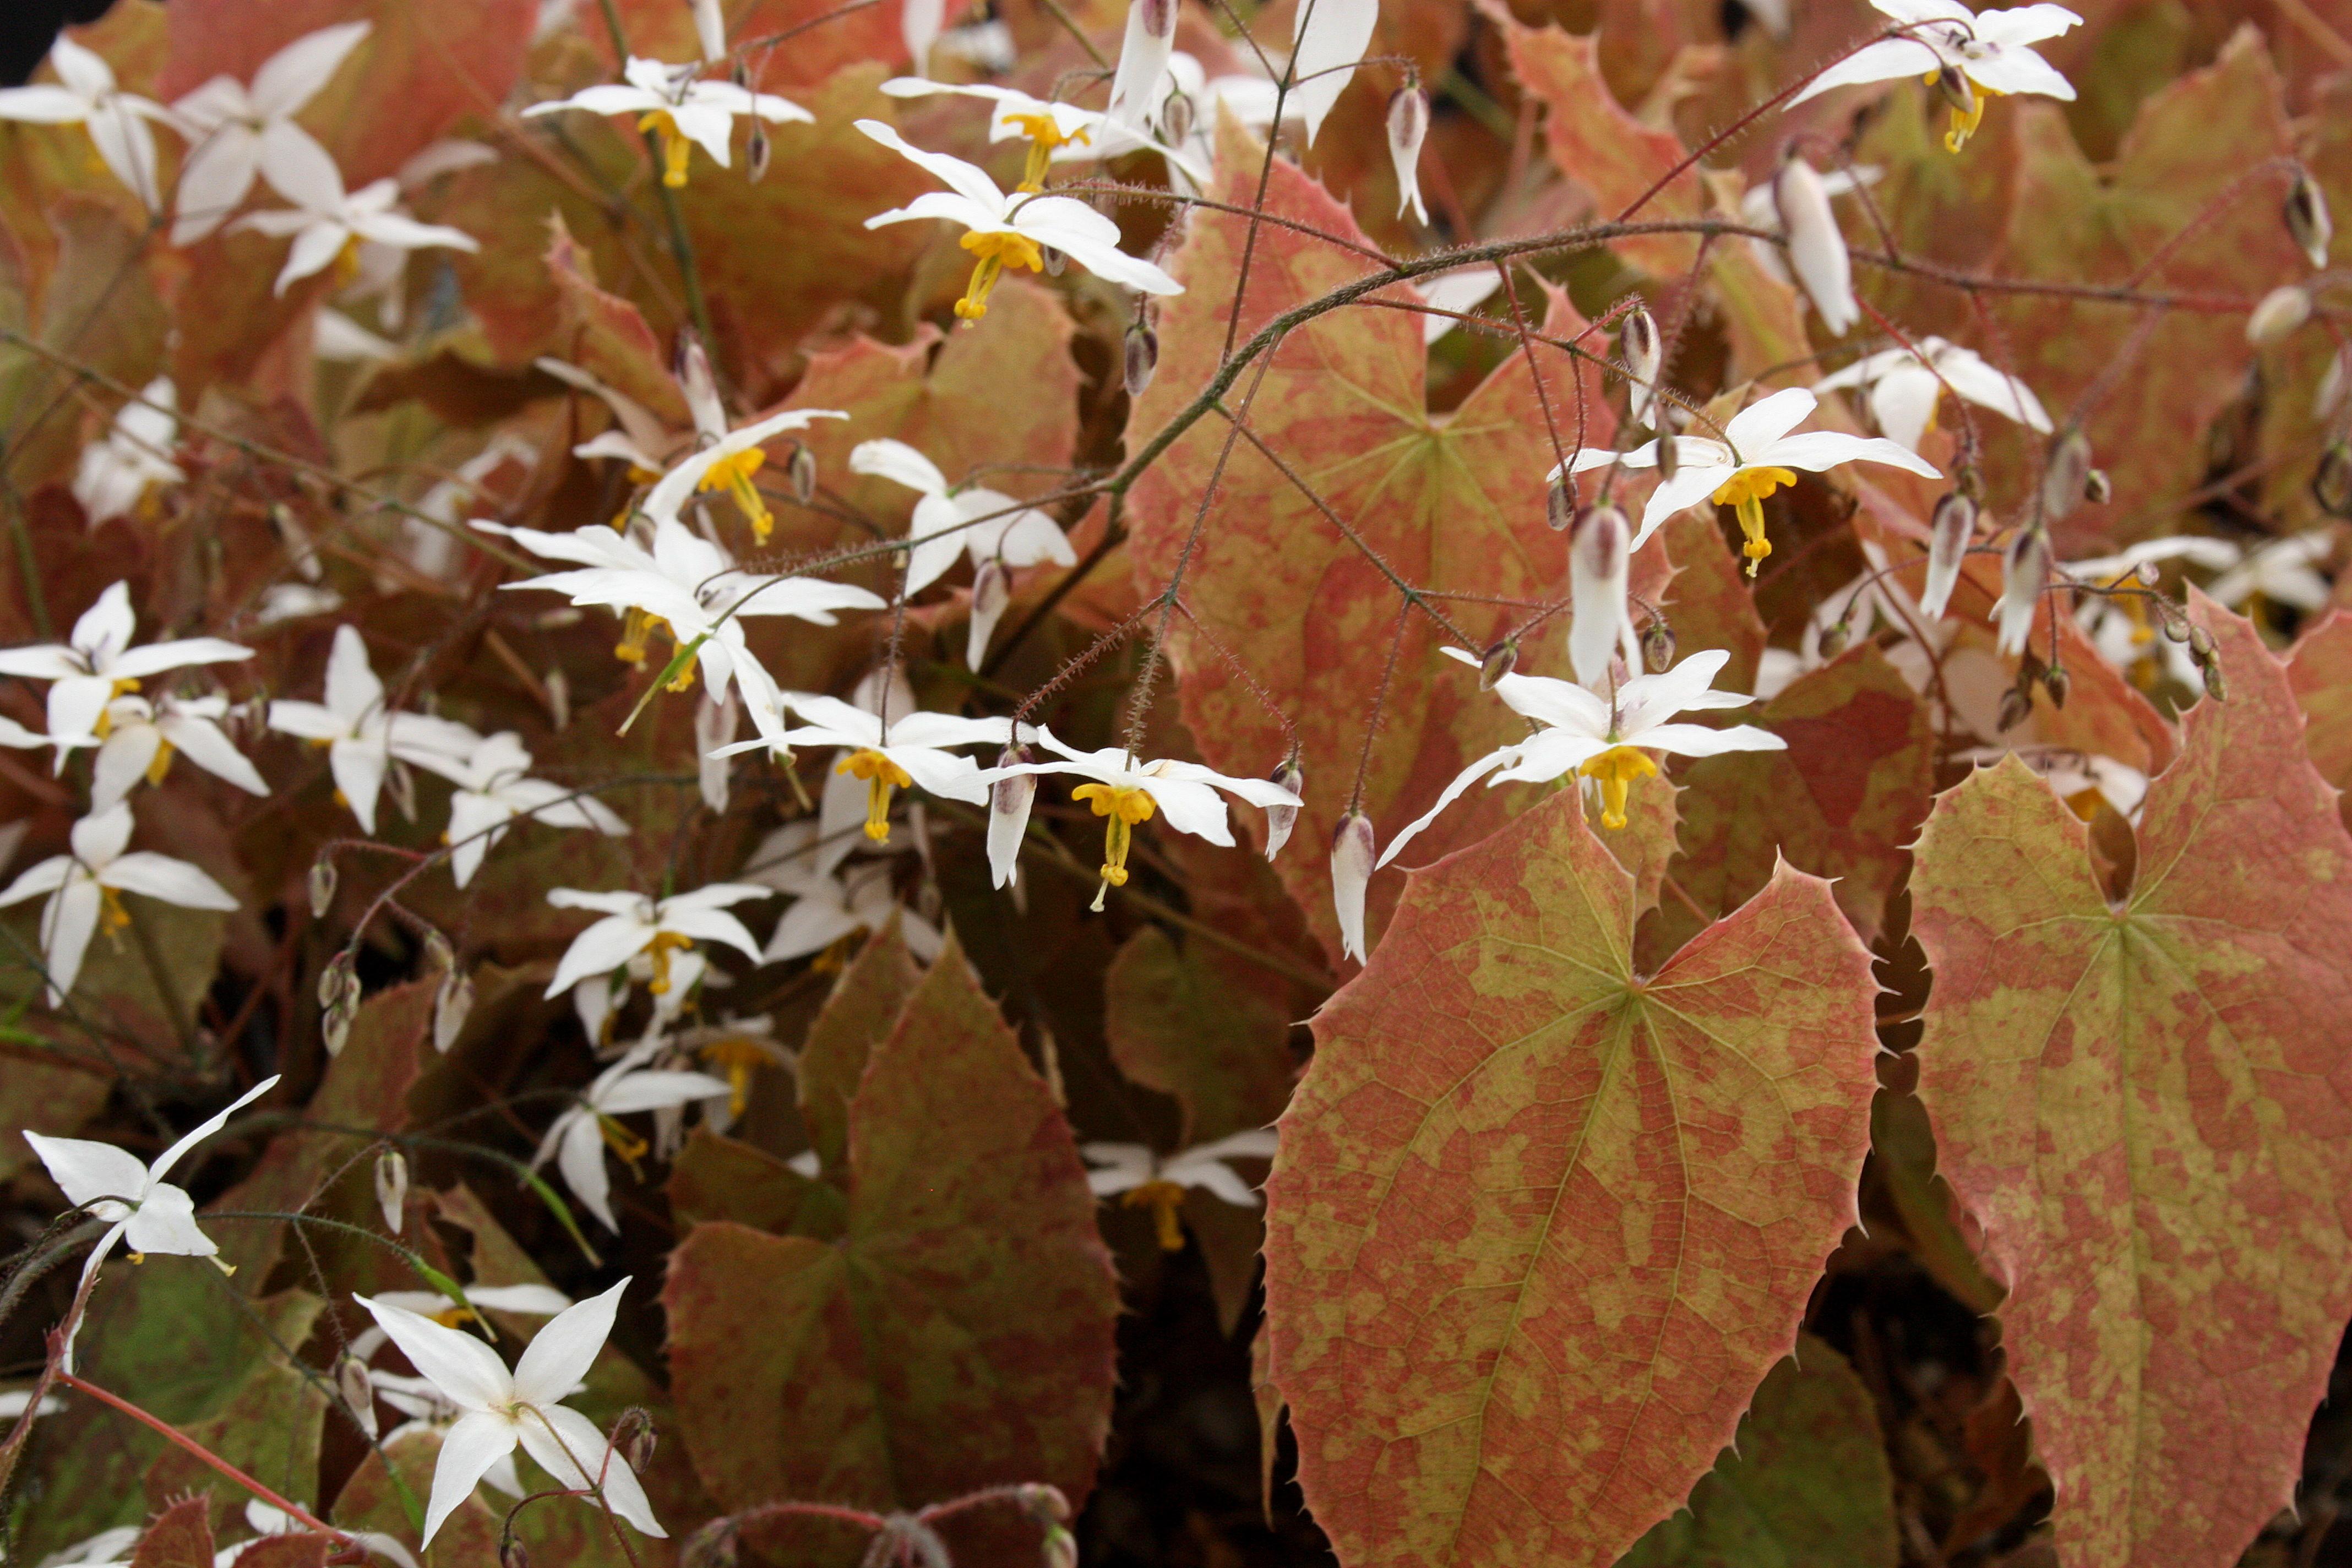 Epimedium 'Arctic Wings' @ JLBG is a Robin White hybrid of Epimedium ogisui and Epimedium latisepalum;